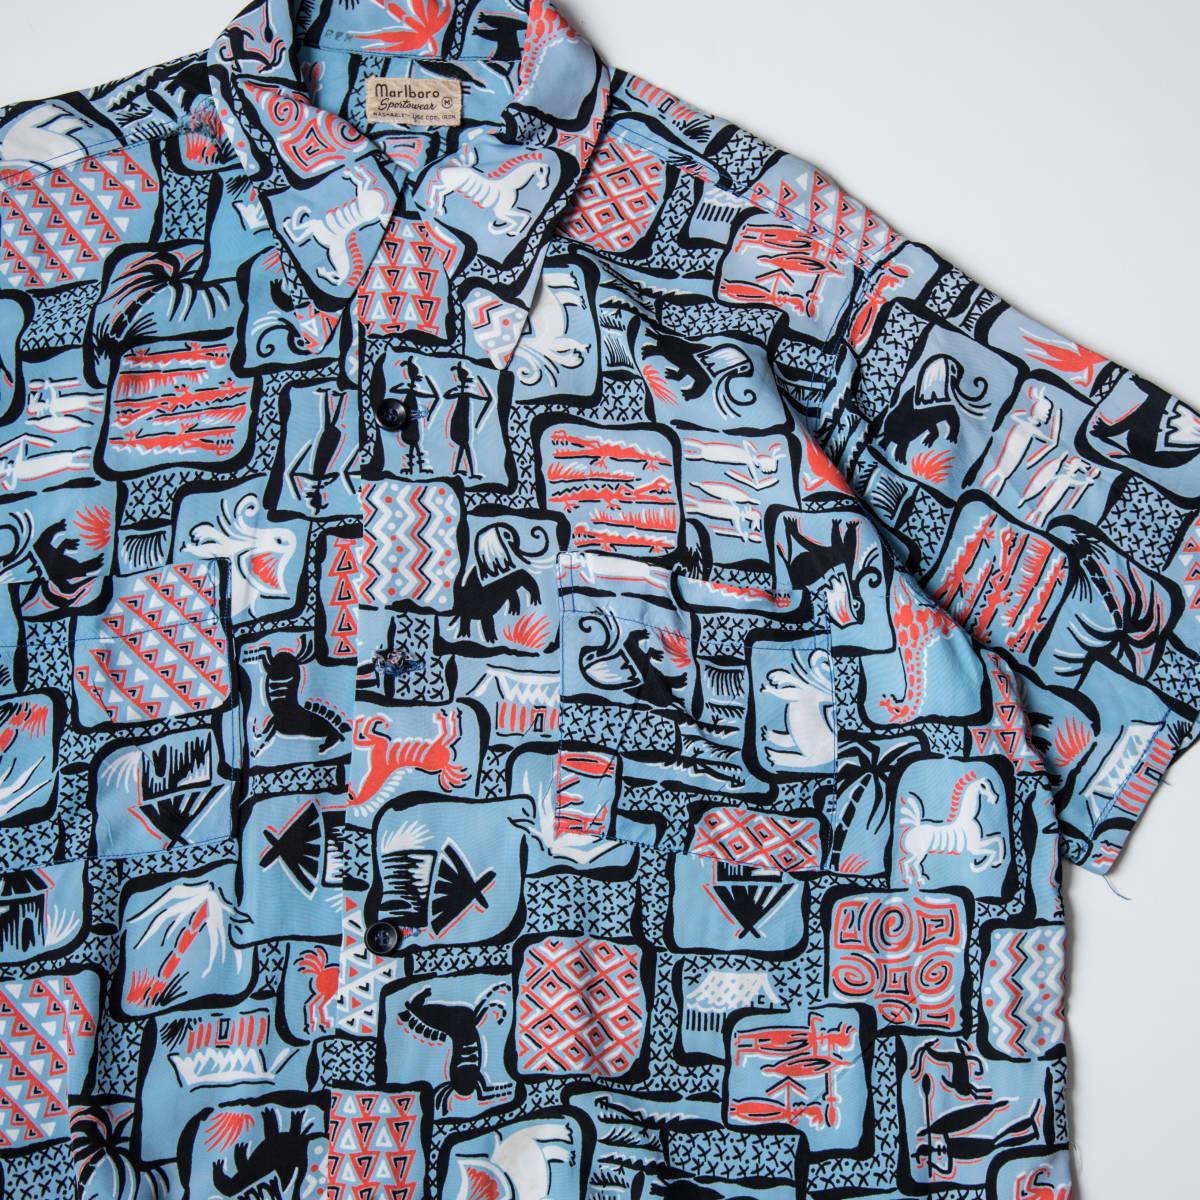 柄良し 50s Marlboro アニマル柄 レーヨン ハワイアン シャツ / ビンテージ アロハシャツ パネル 半袖 総柄 柄 シャツ ロカビリー 40s_画像3